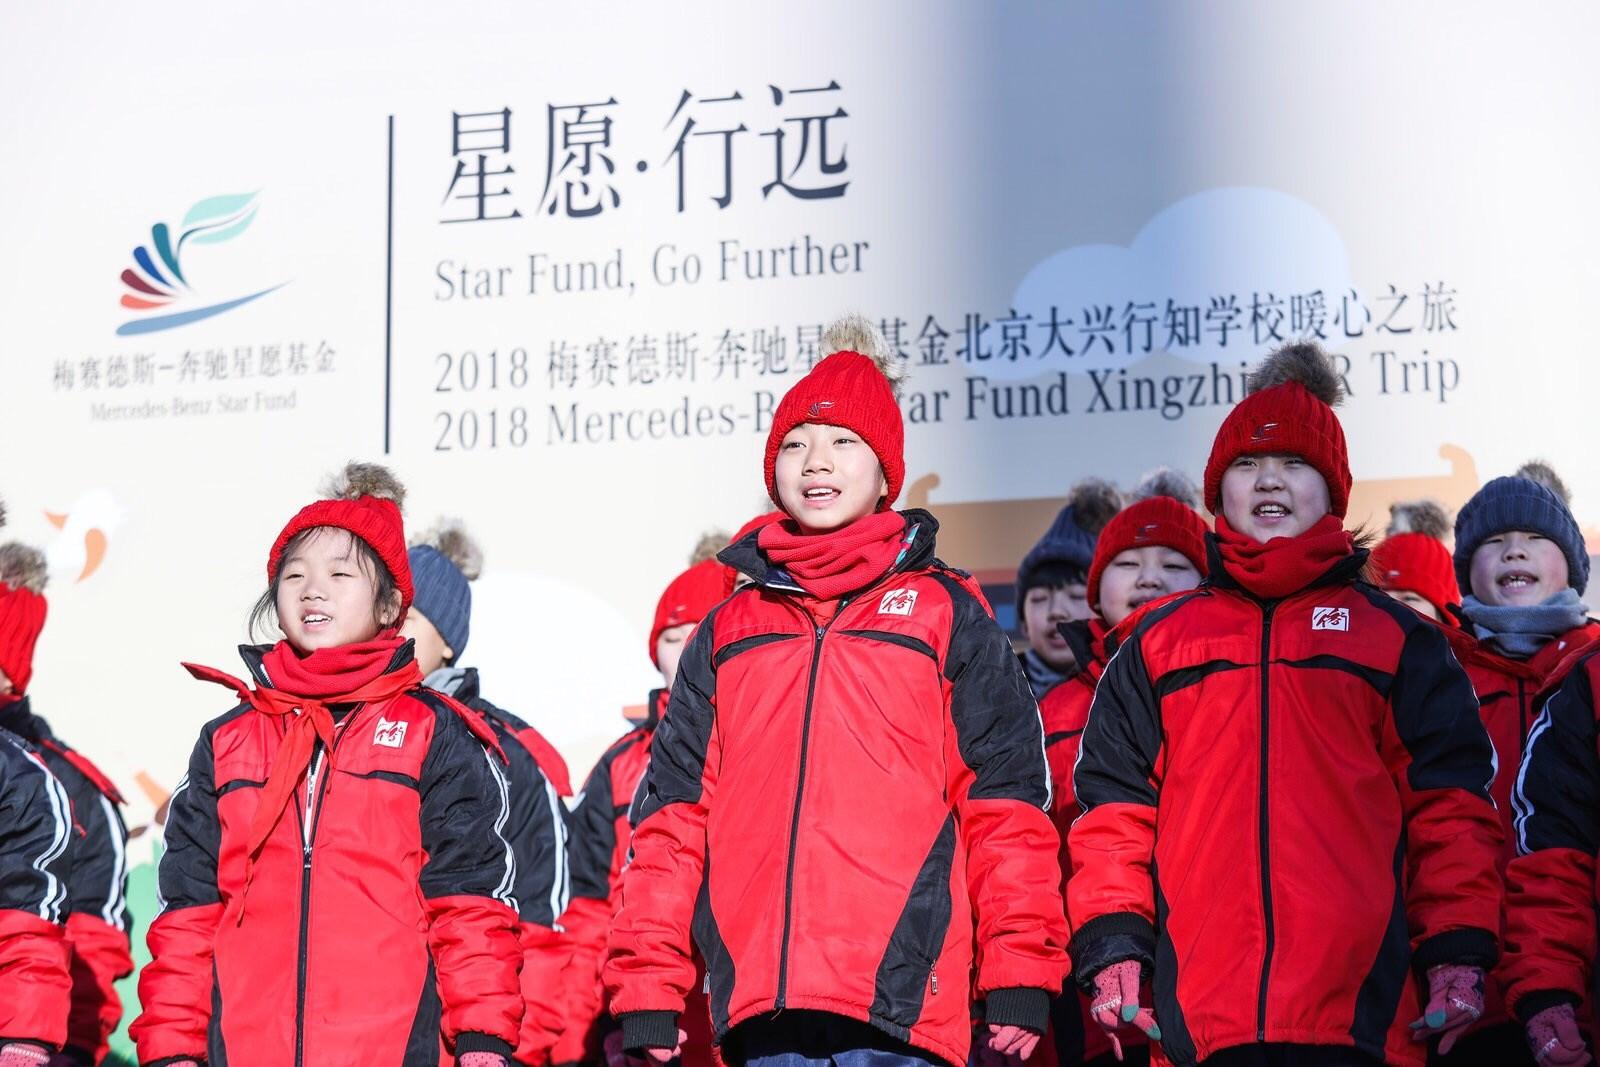 2018梅赛德斯-奔驰北京大兴行知学校探访之旅 |汽车产经